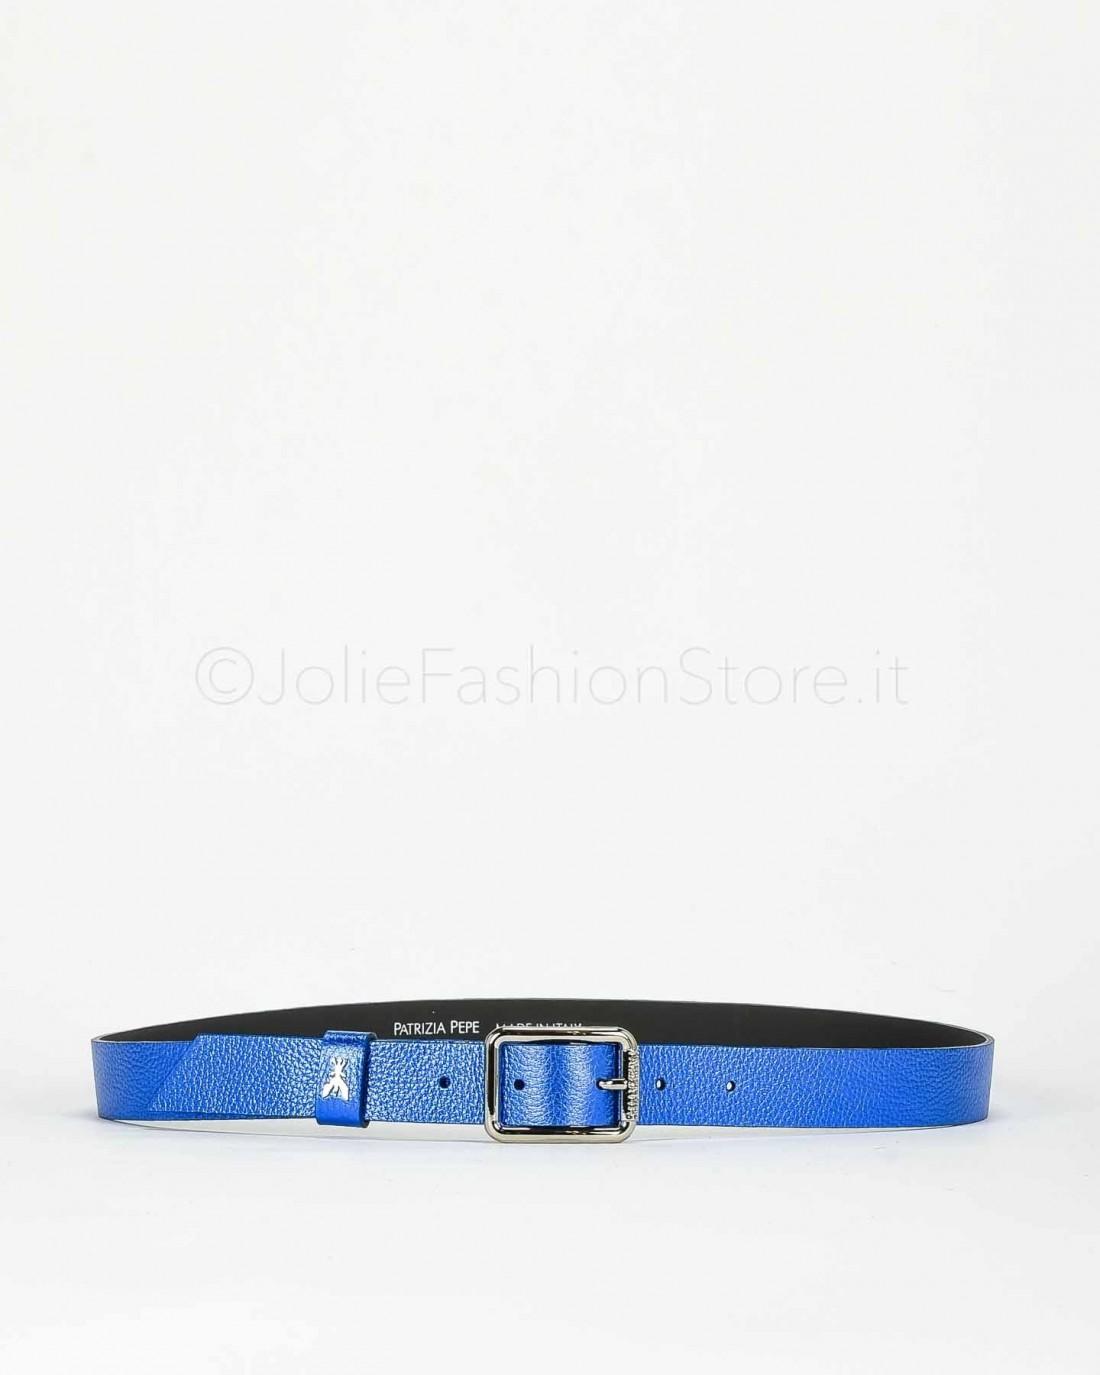 Patrizia Pepe Cintura in Pelle 2 Cm Blu  2V6408-C804